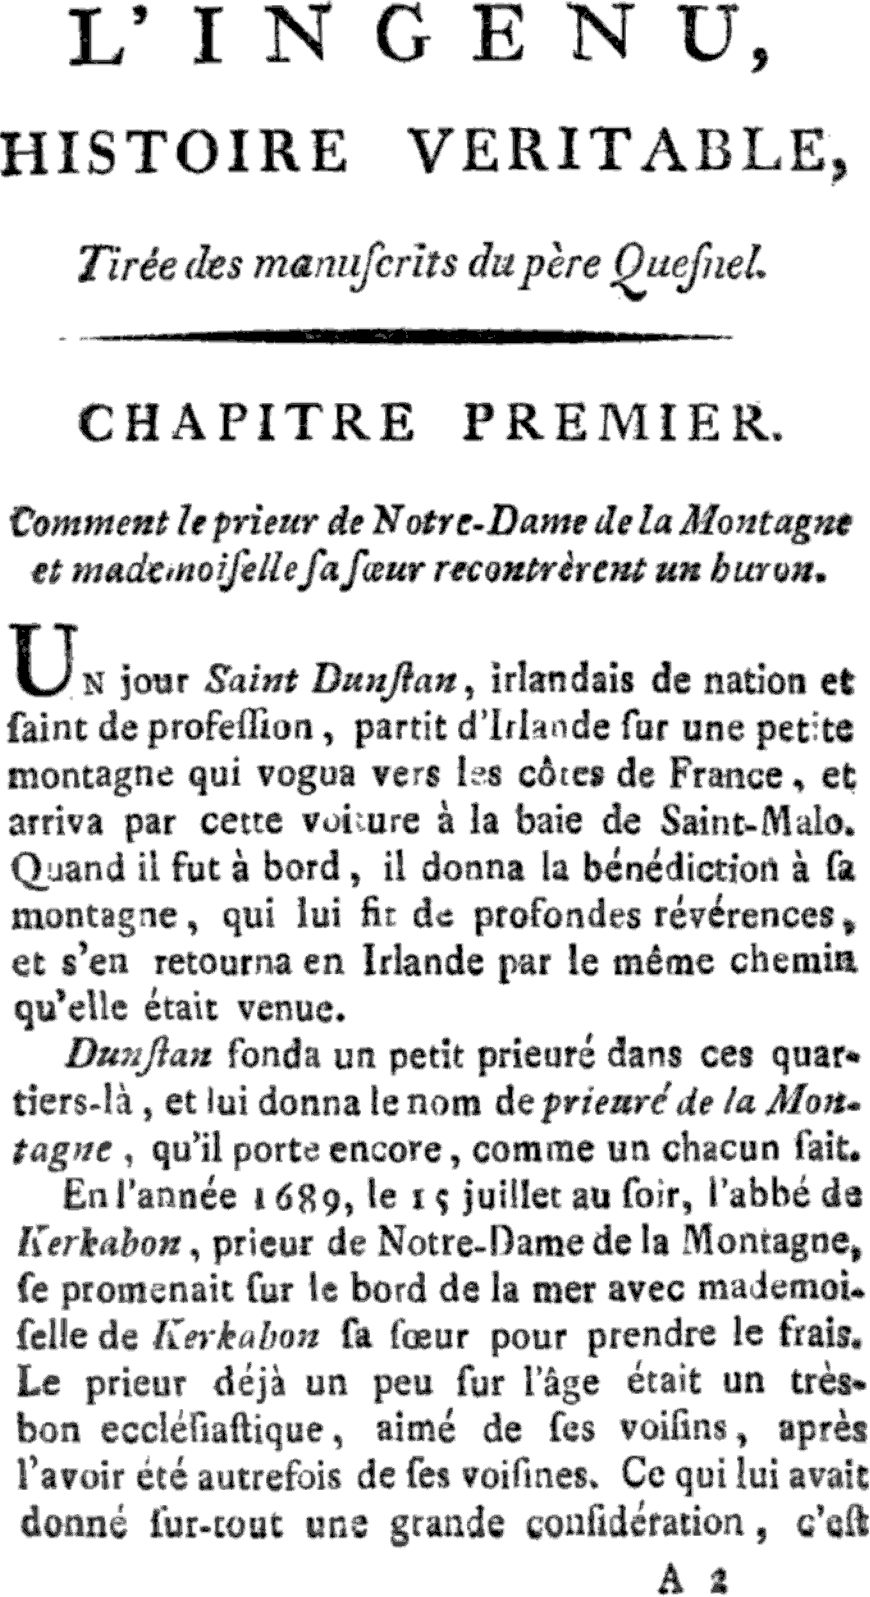 L Ingénu De Voltaire Résumé : ingénu, voltaire, résumé, L'Ingénu, Wikipedia